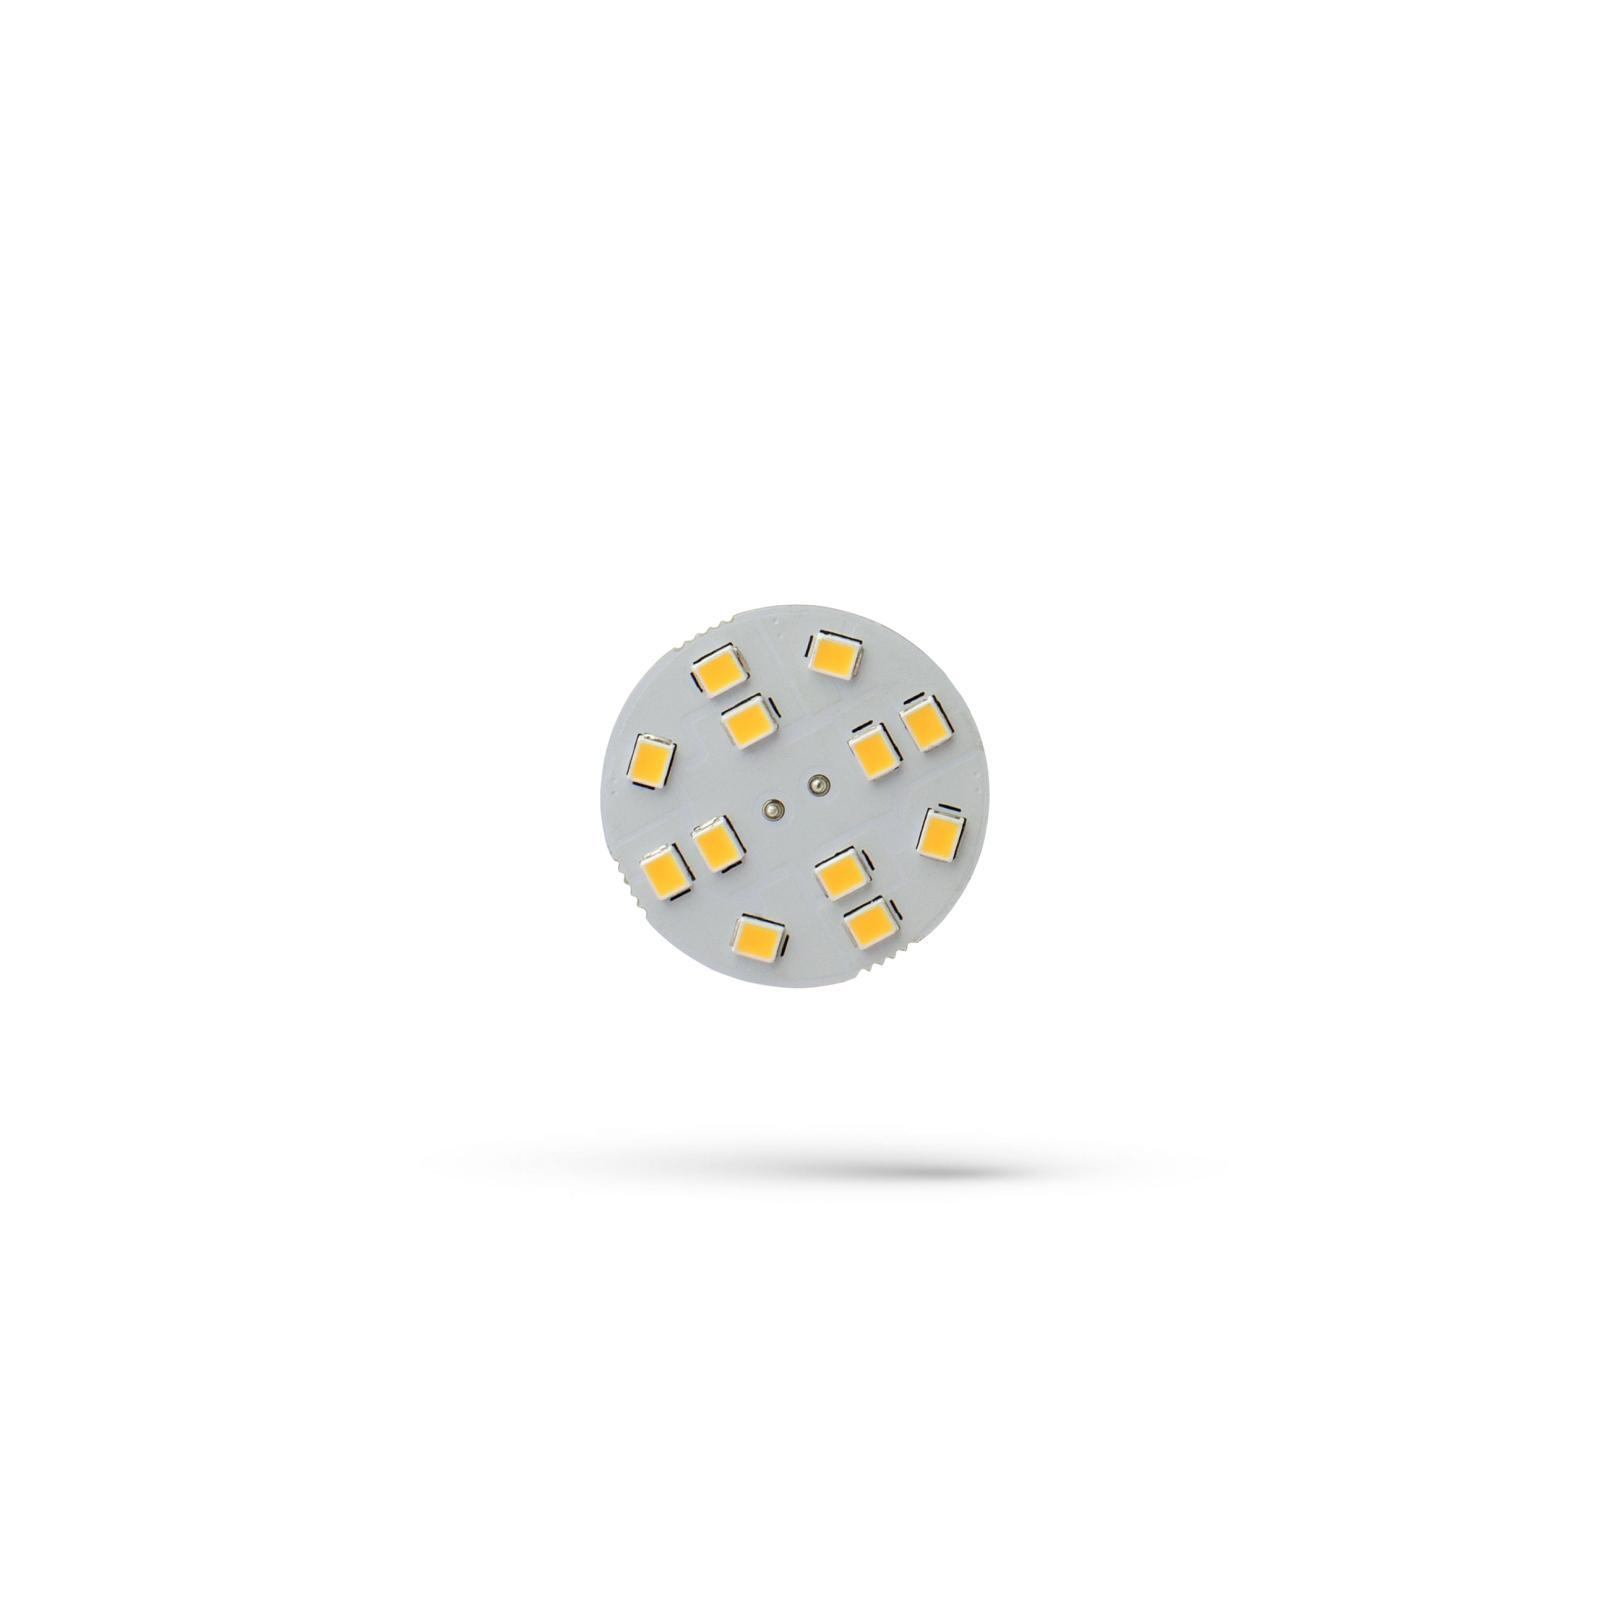 LED G4 12V 2W 12 LED Teplá bílá 30MM SPECTRUM